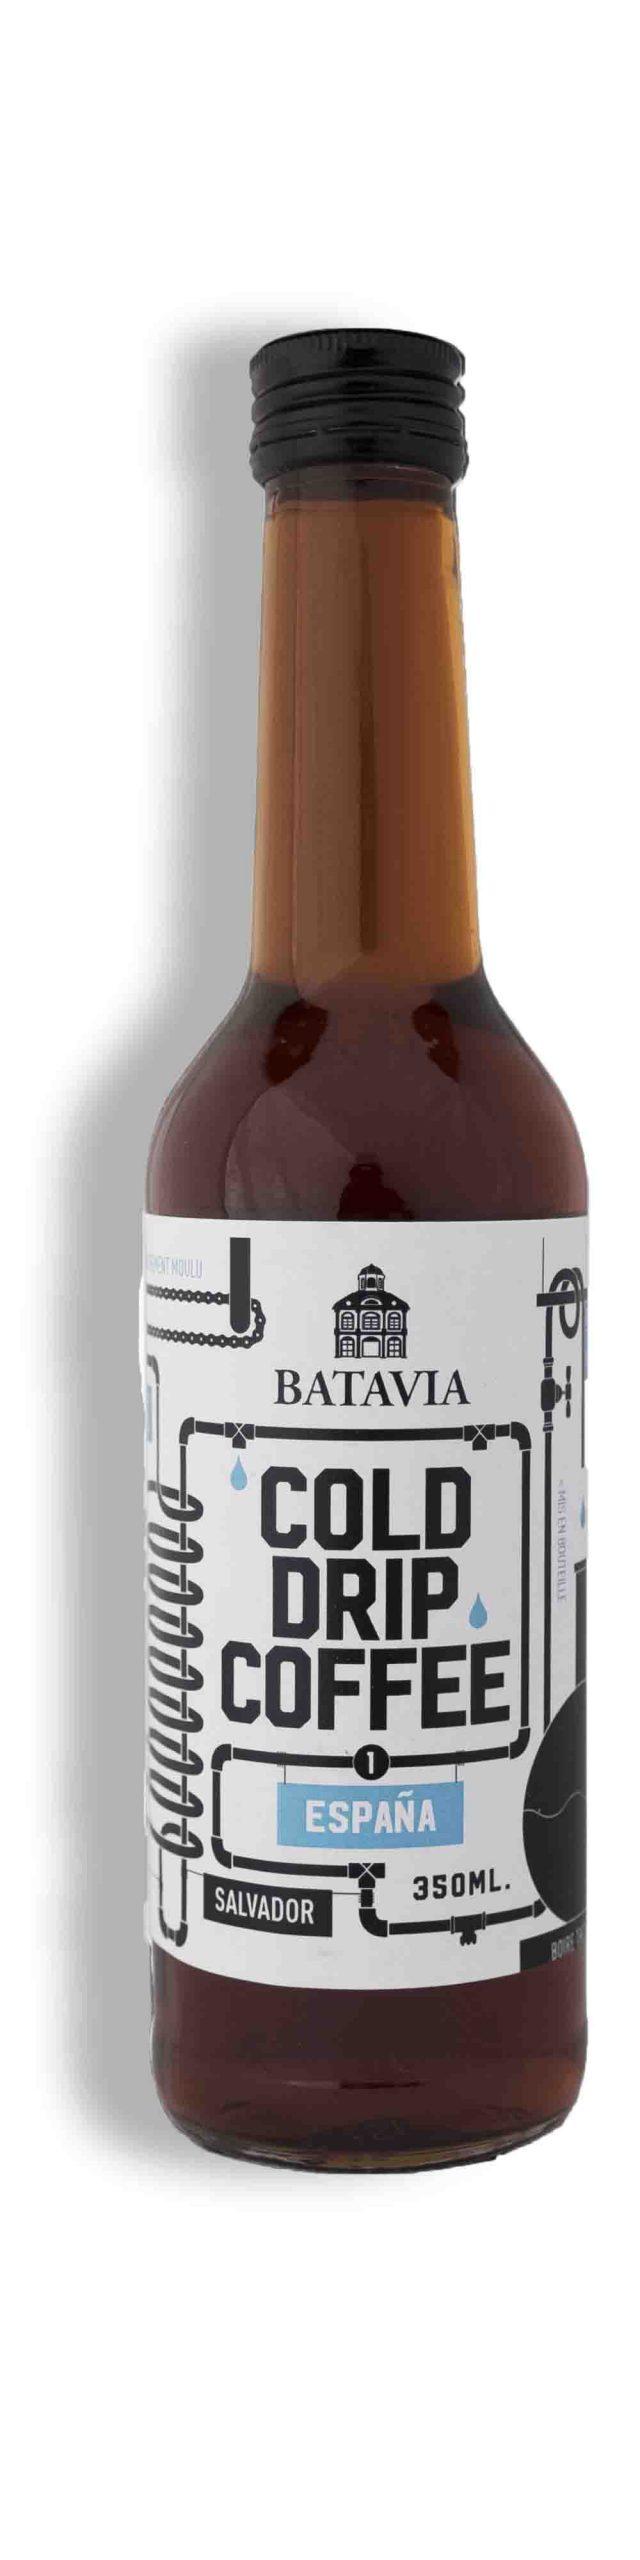 batavia cold drip coffee espana